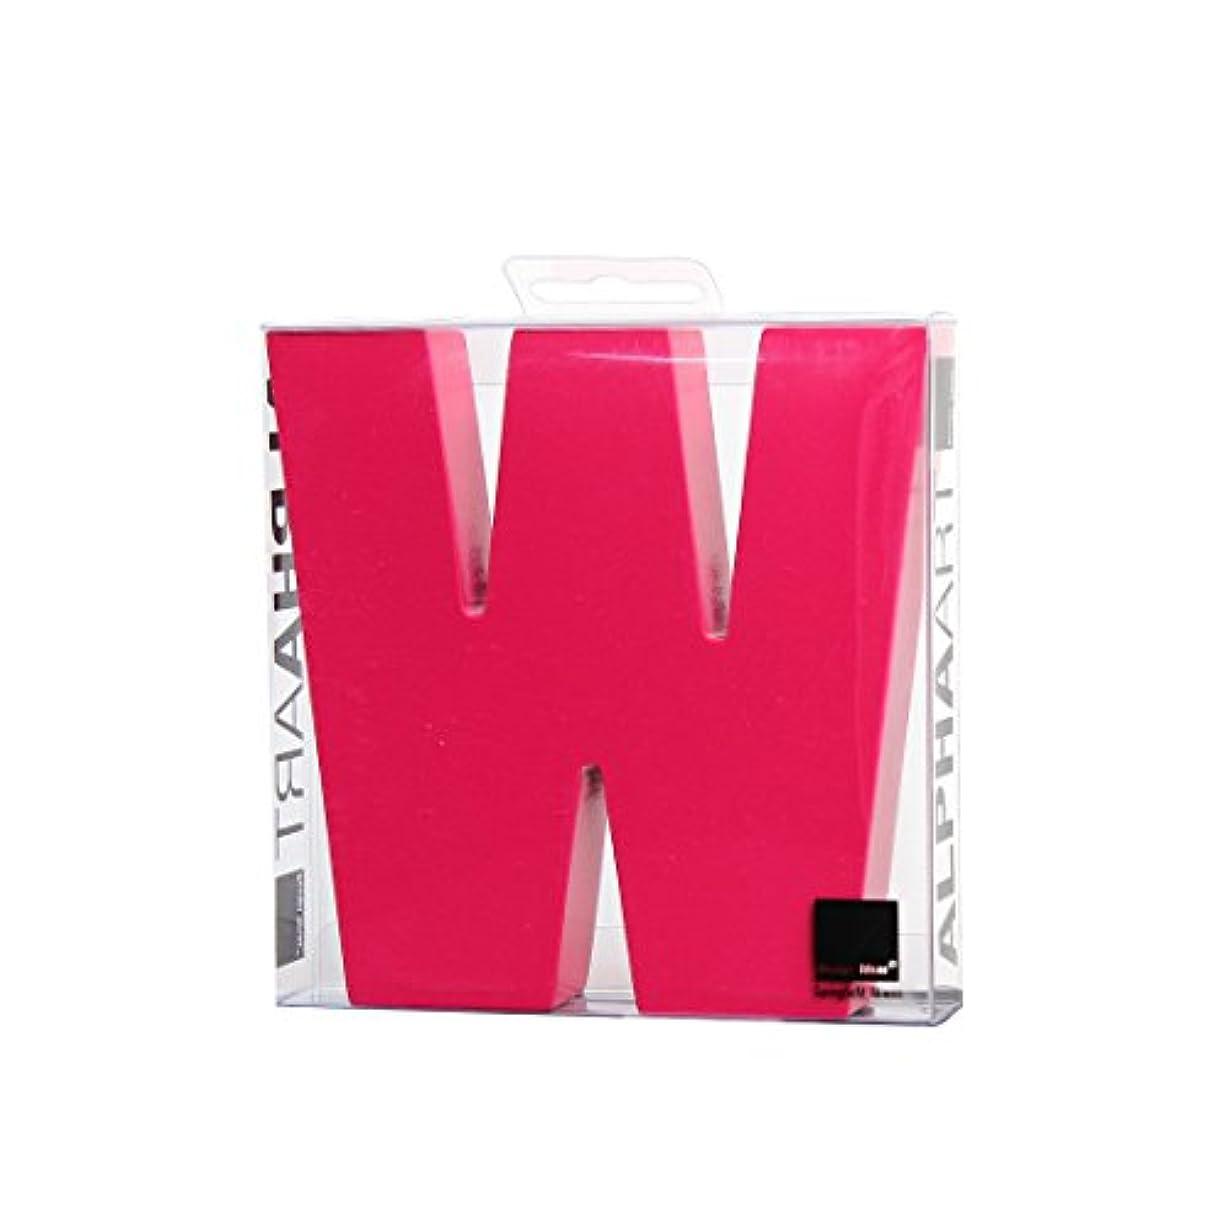 プロット上価値のないカメヤマキャンドルハウス アルファベットブロック カラフル  アルファアートラージW 「 ピンク 」